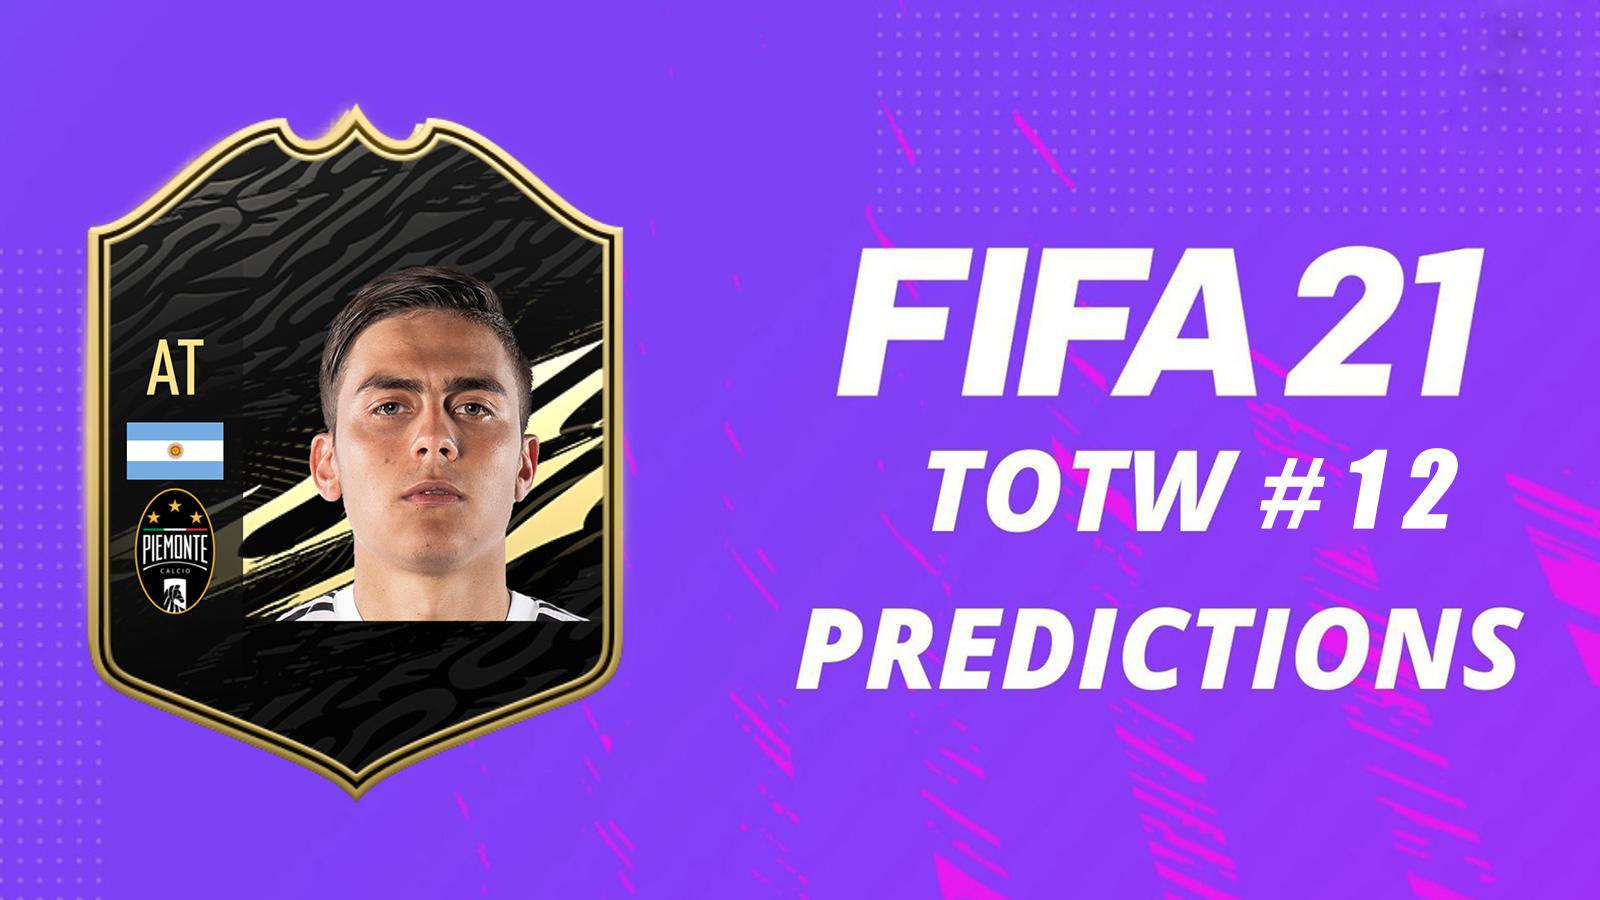 Prédictions TOTW 12 FIFA 21